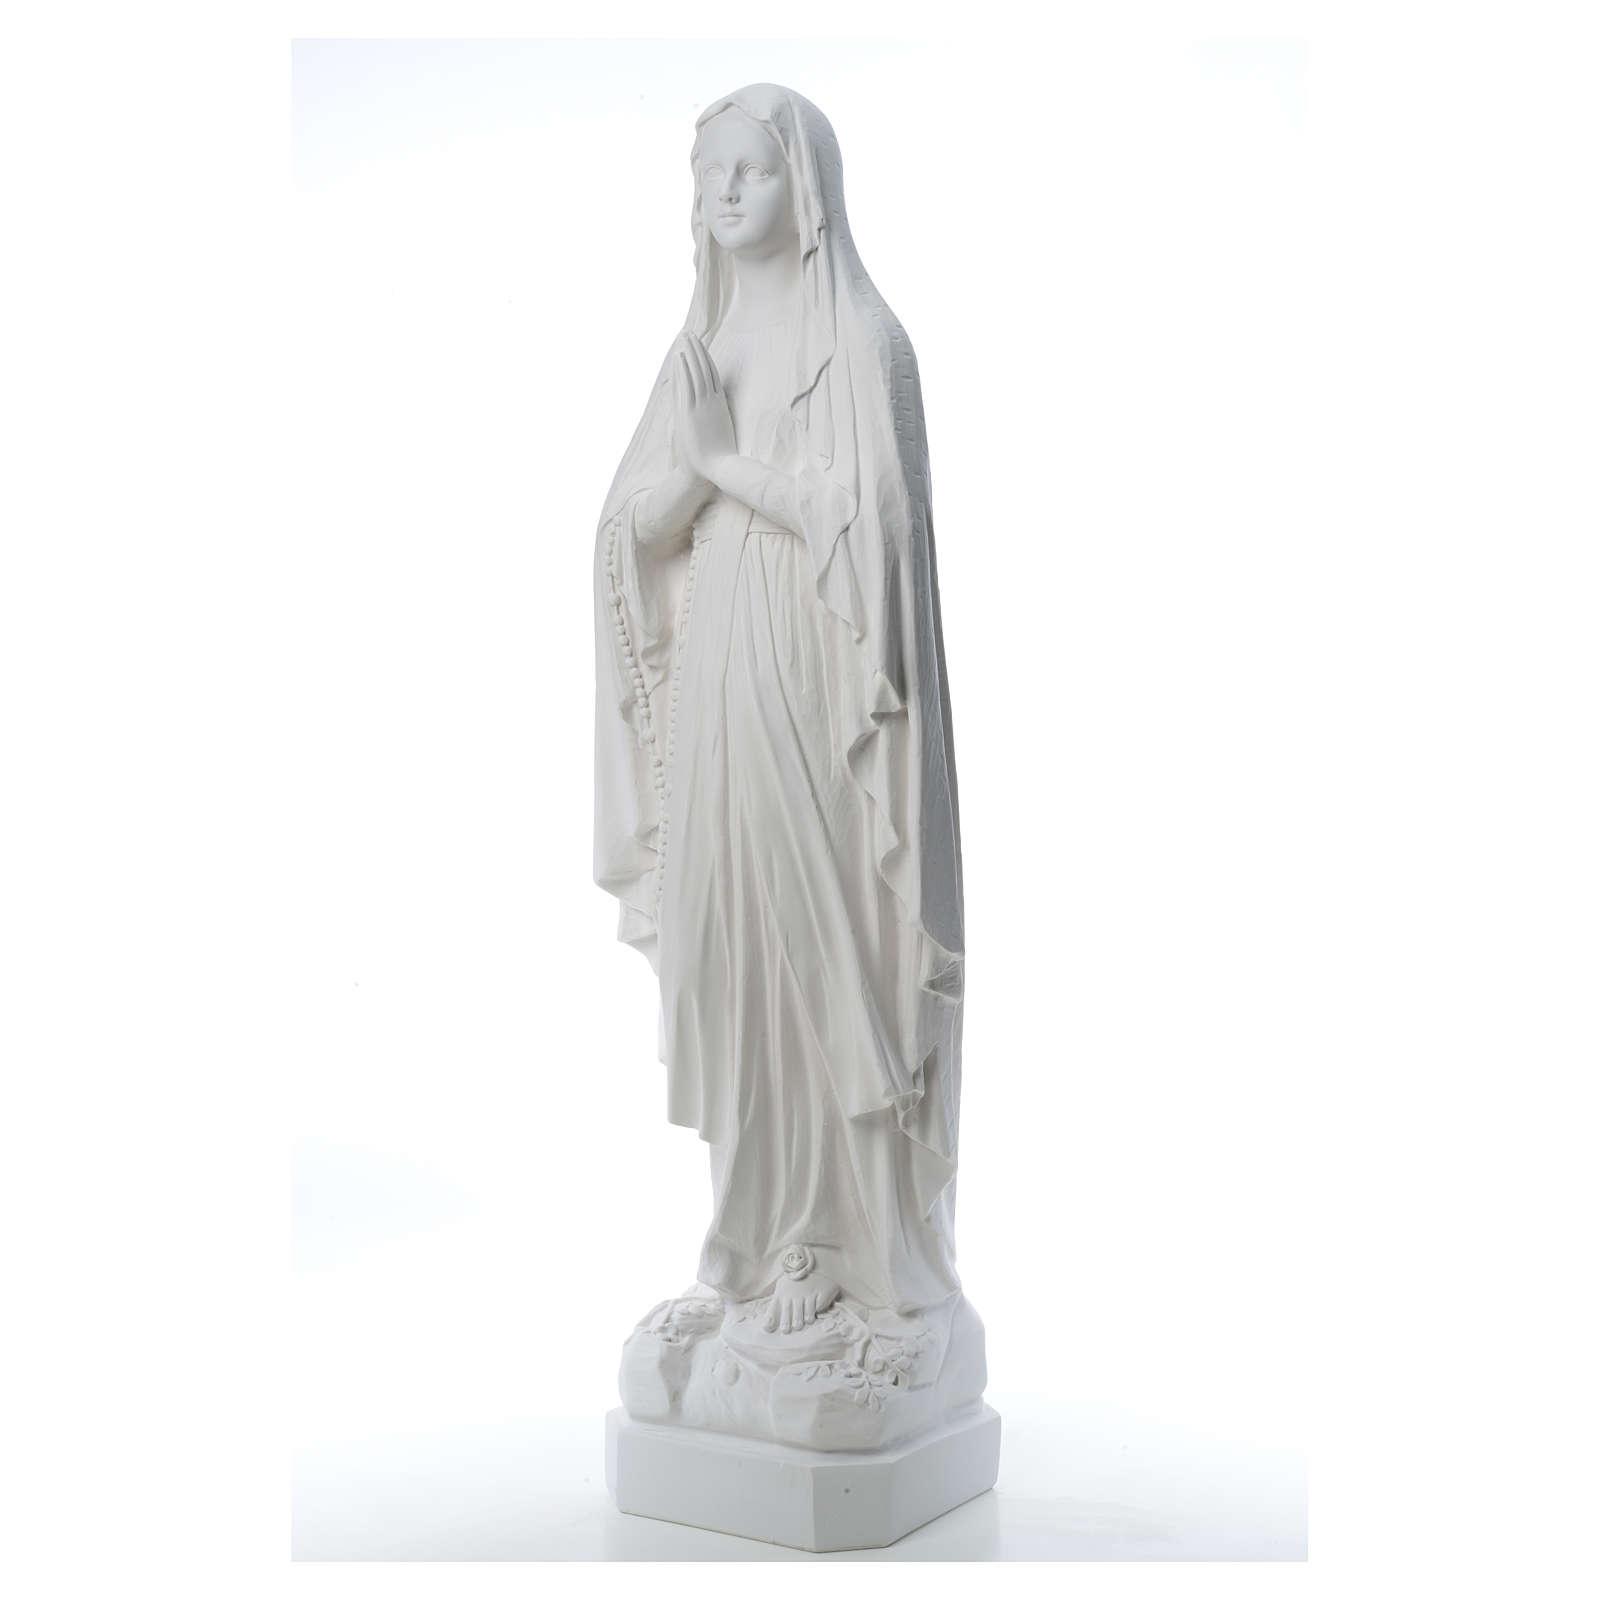 Estatua Virgen de Lourdes polvo de mármol 31-130 cm 4